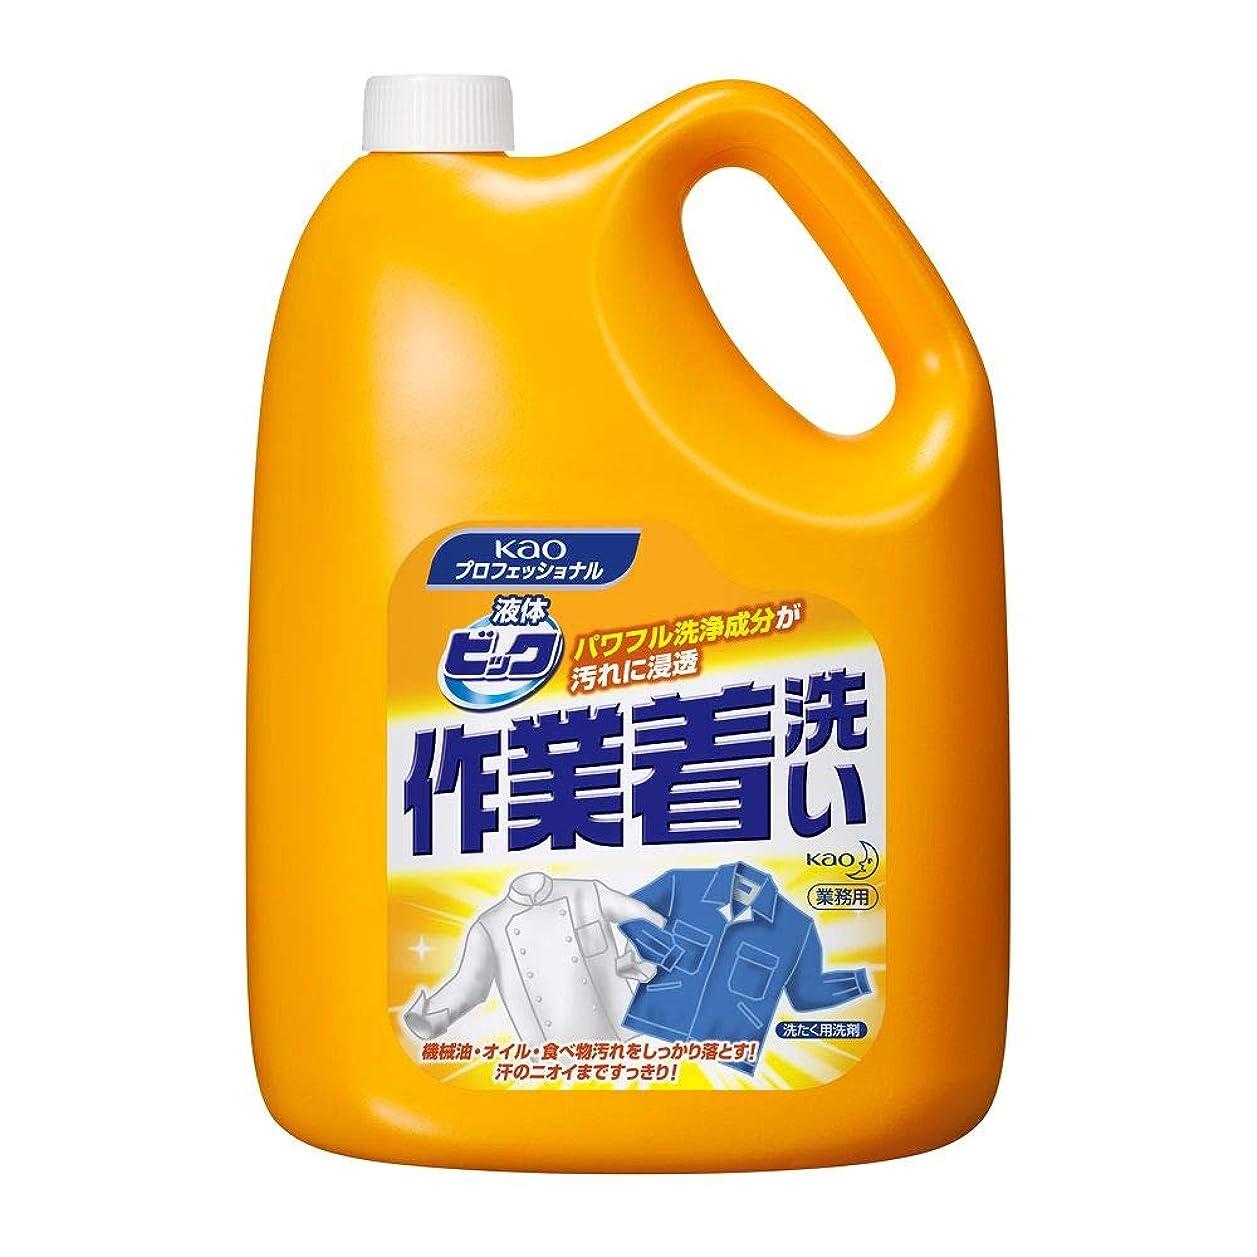 ボイド受粉するファイバ【業務用 衣料用洗剤】液体ビック 作業着洗い 4.5kg(花王プロフェッショナルシリーズ)